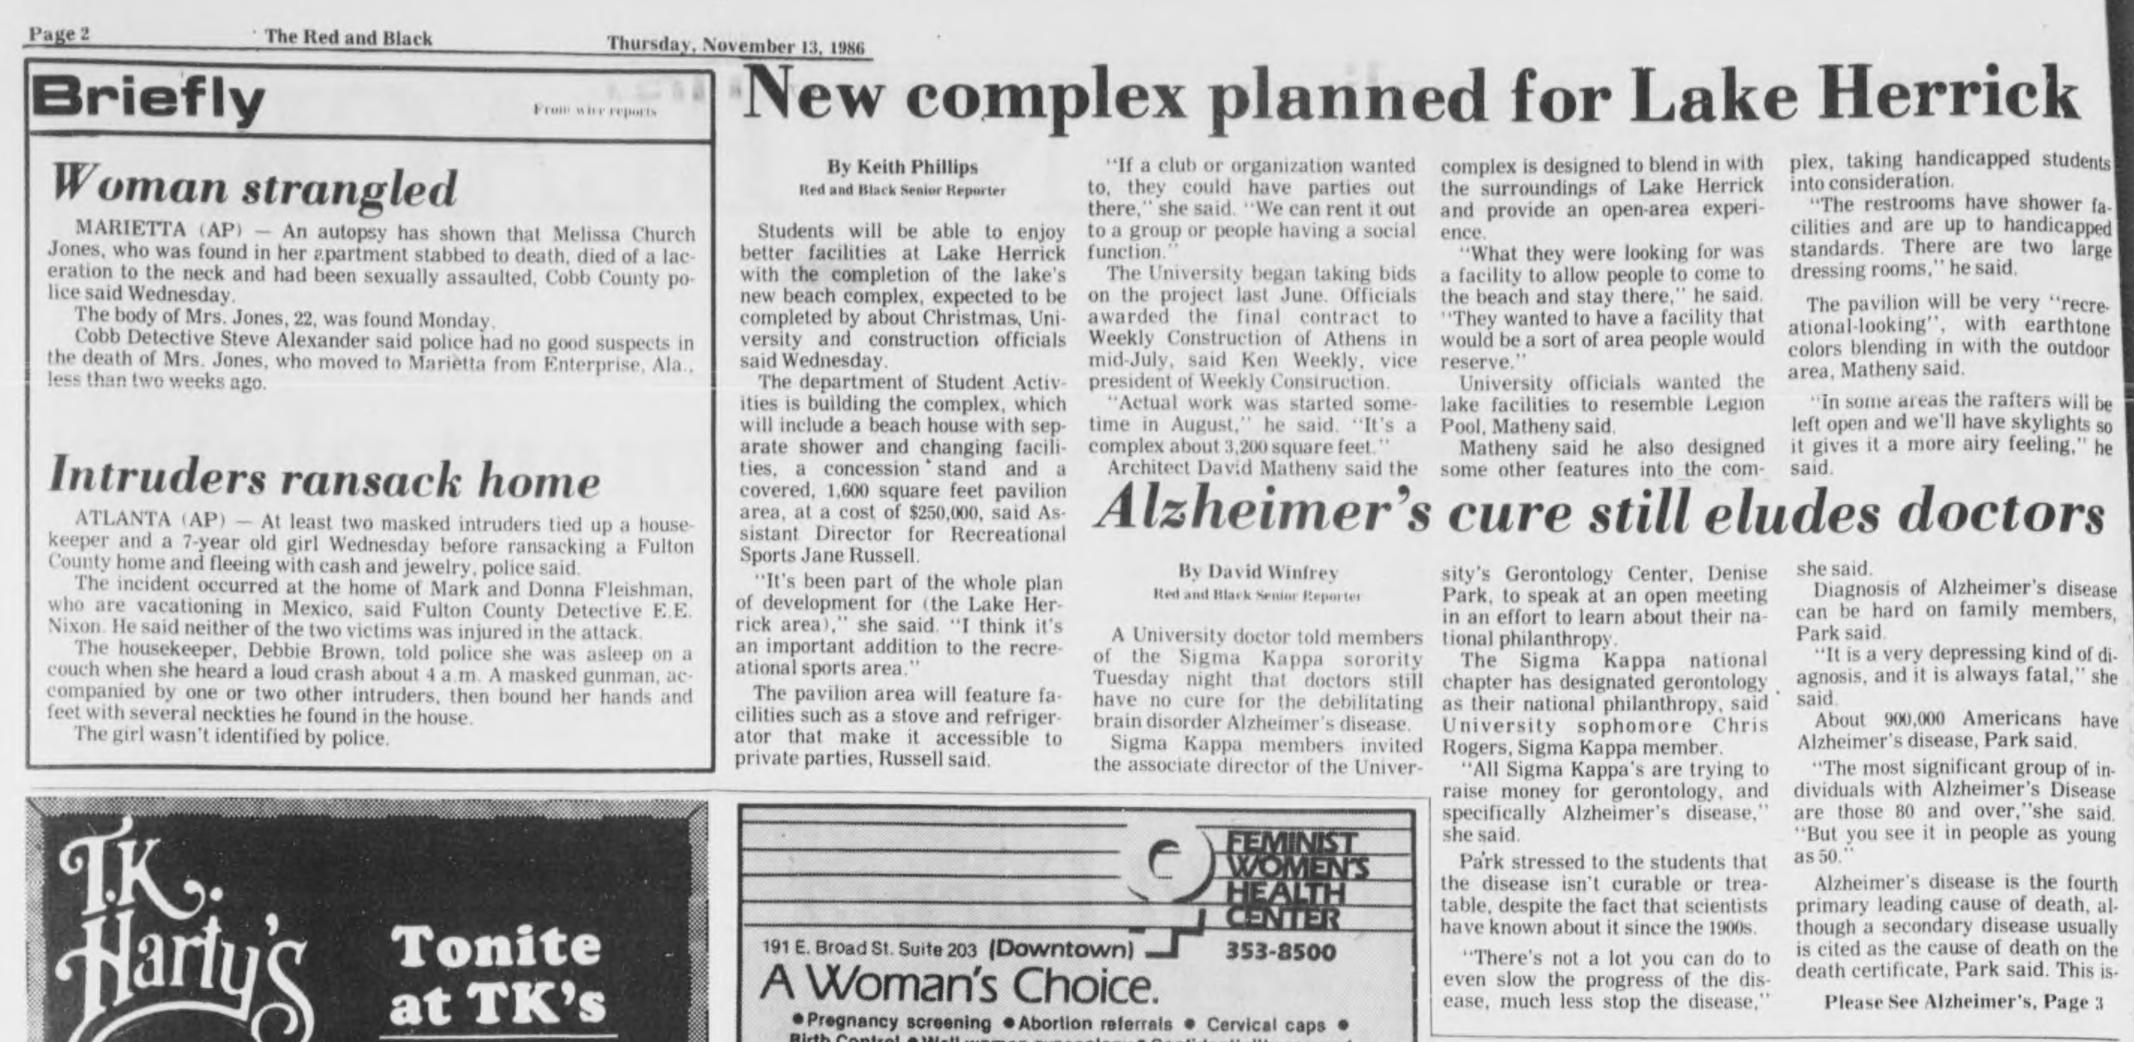 November 13, 1986